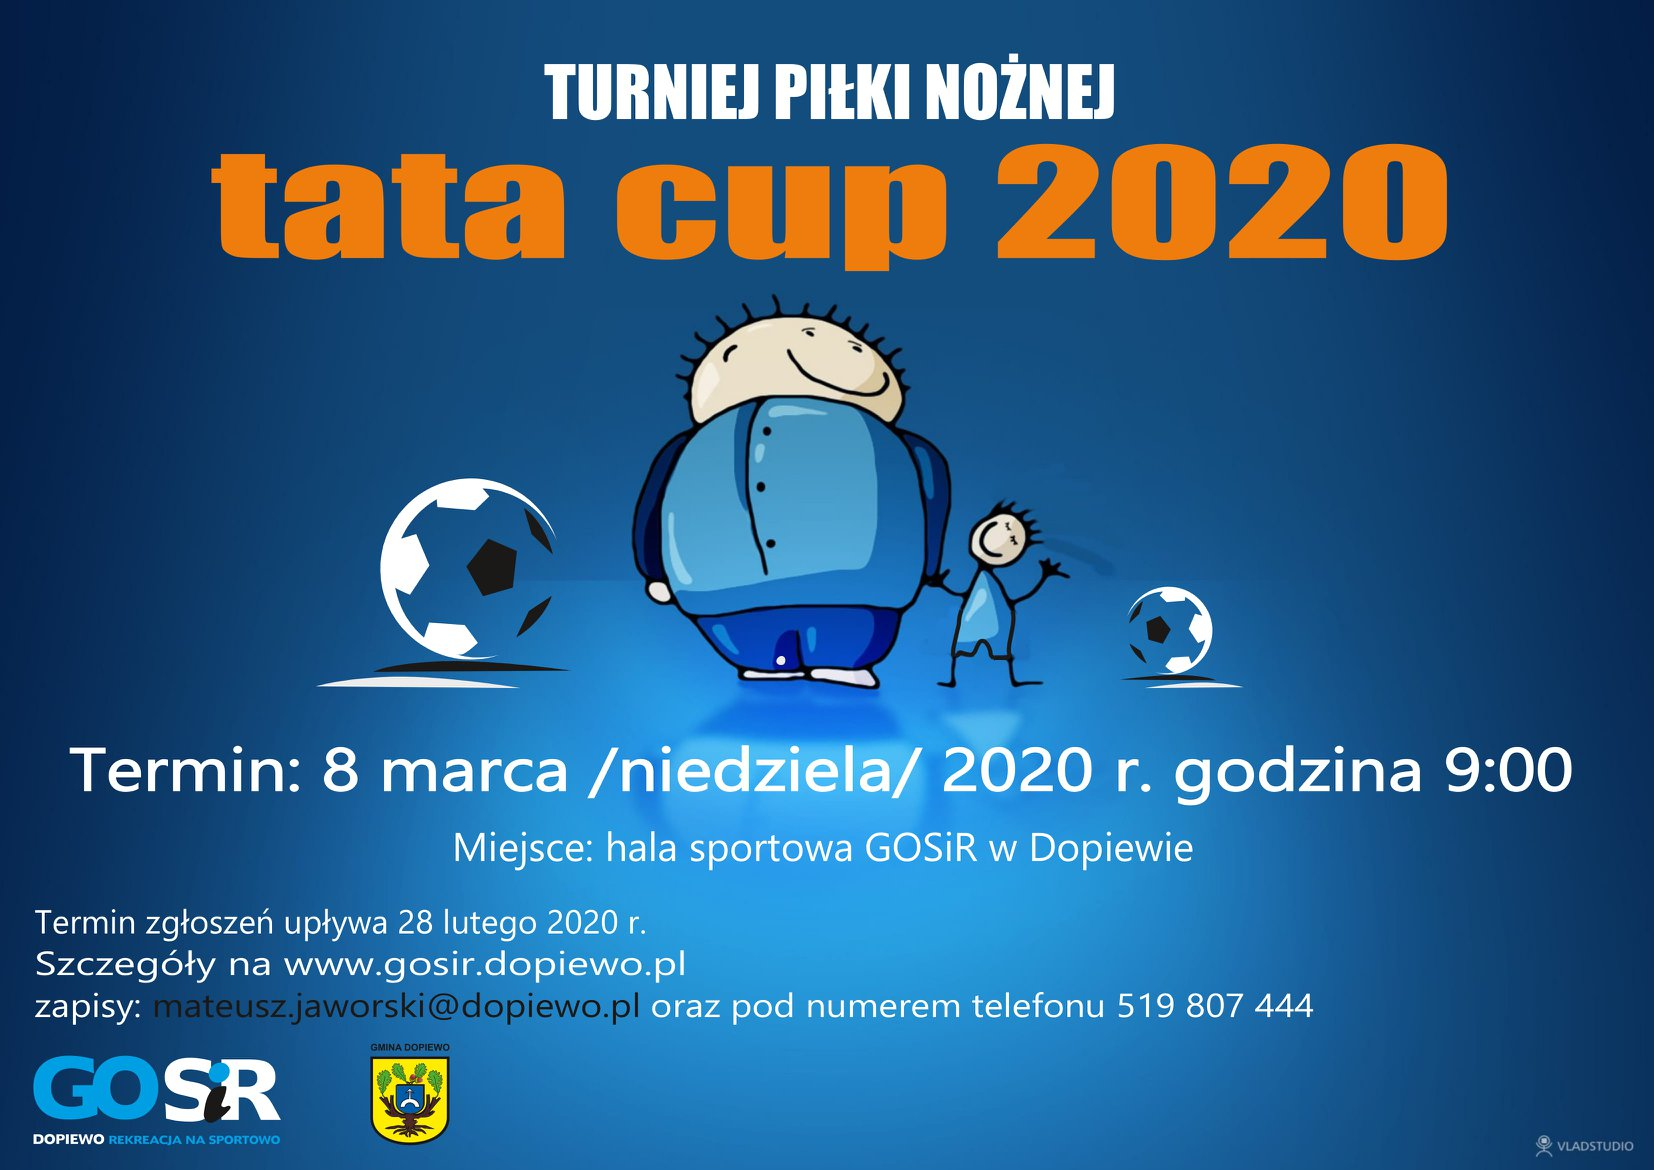 Tata Cup 2020